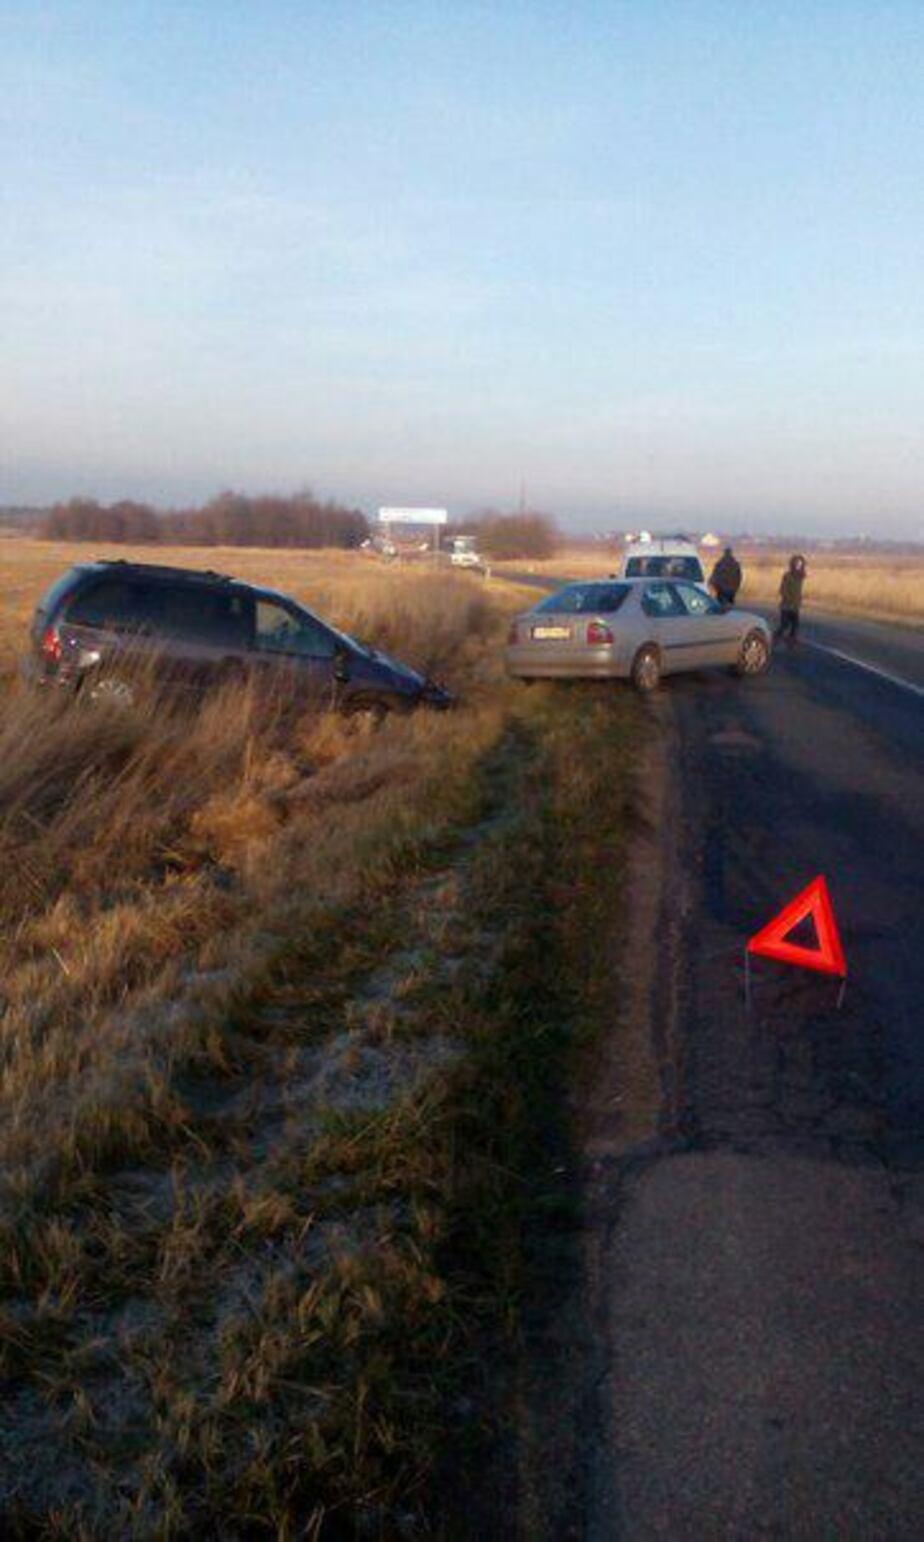 На пионерской трассе из-за гололеда вылетели с дороги две машины - Новости Калининграда